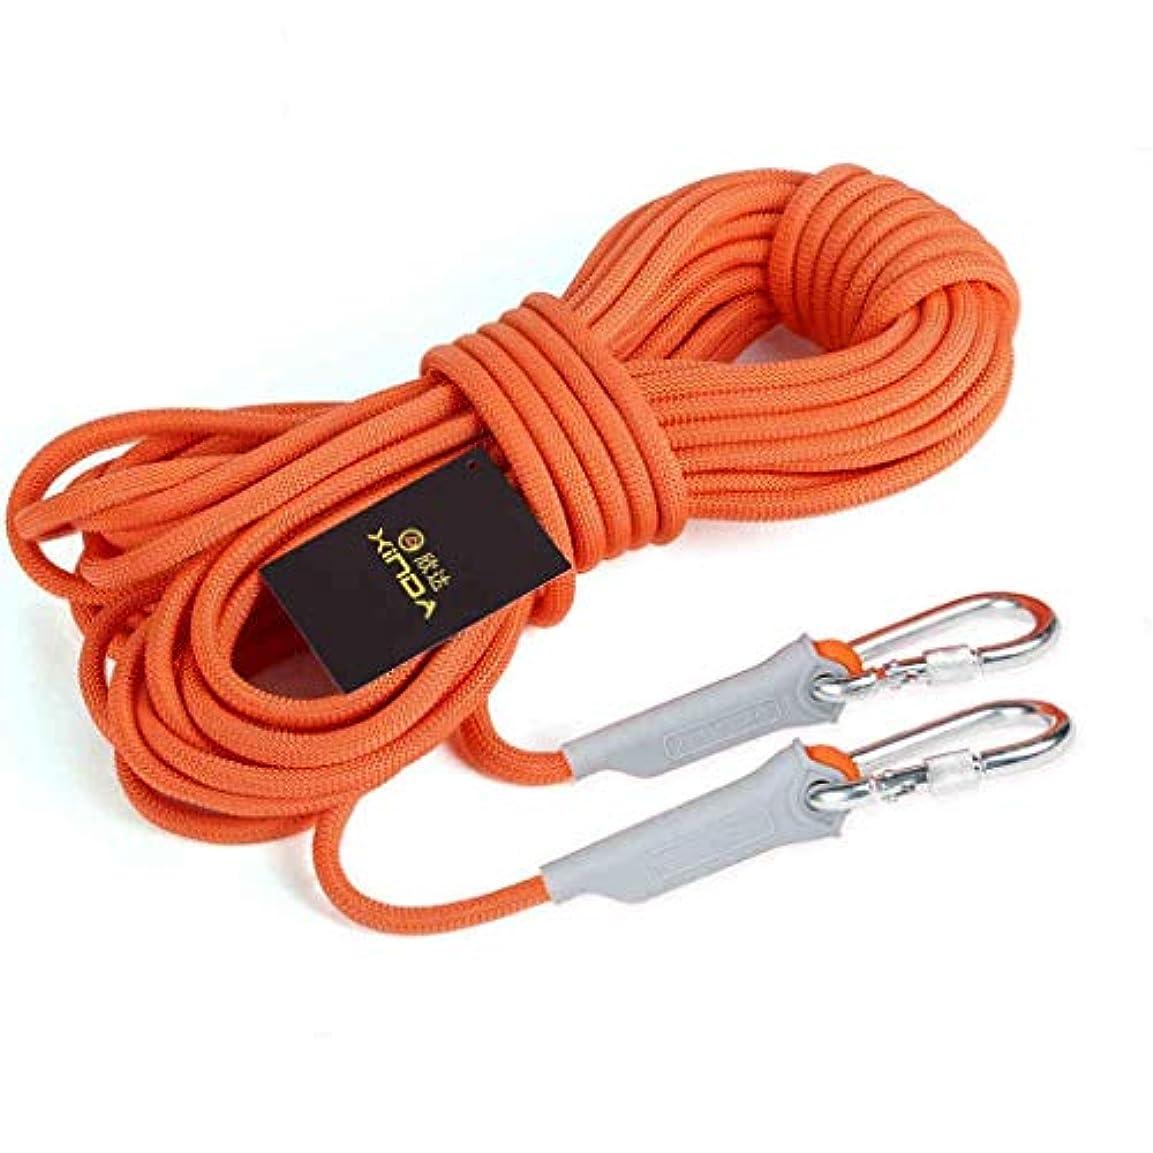 指癌我慢するロープアウトドアクライミングロープ、12ミリメートル安全ロープクライミングロープロープクライミングロープナイロンロープ脱出装置、40メートル/ 30メートル/ 20メートル/ 10メートル(サイズ:30メートル)